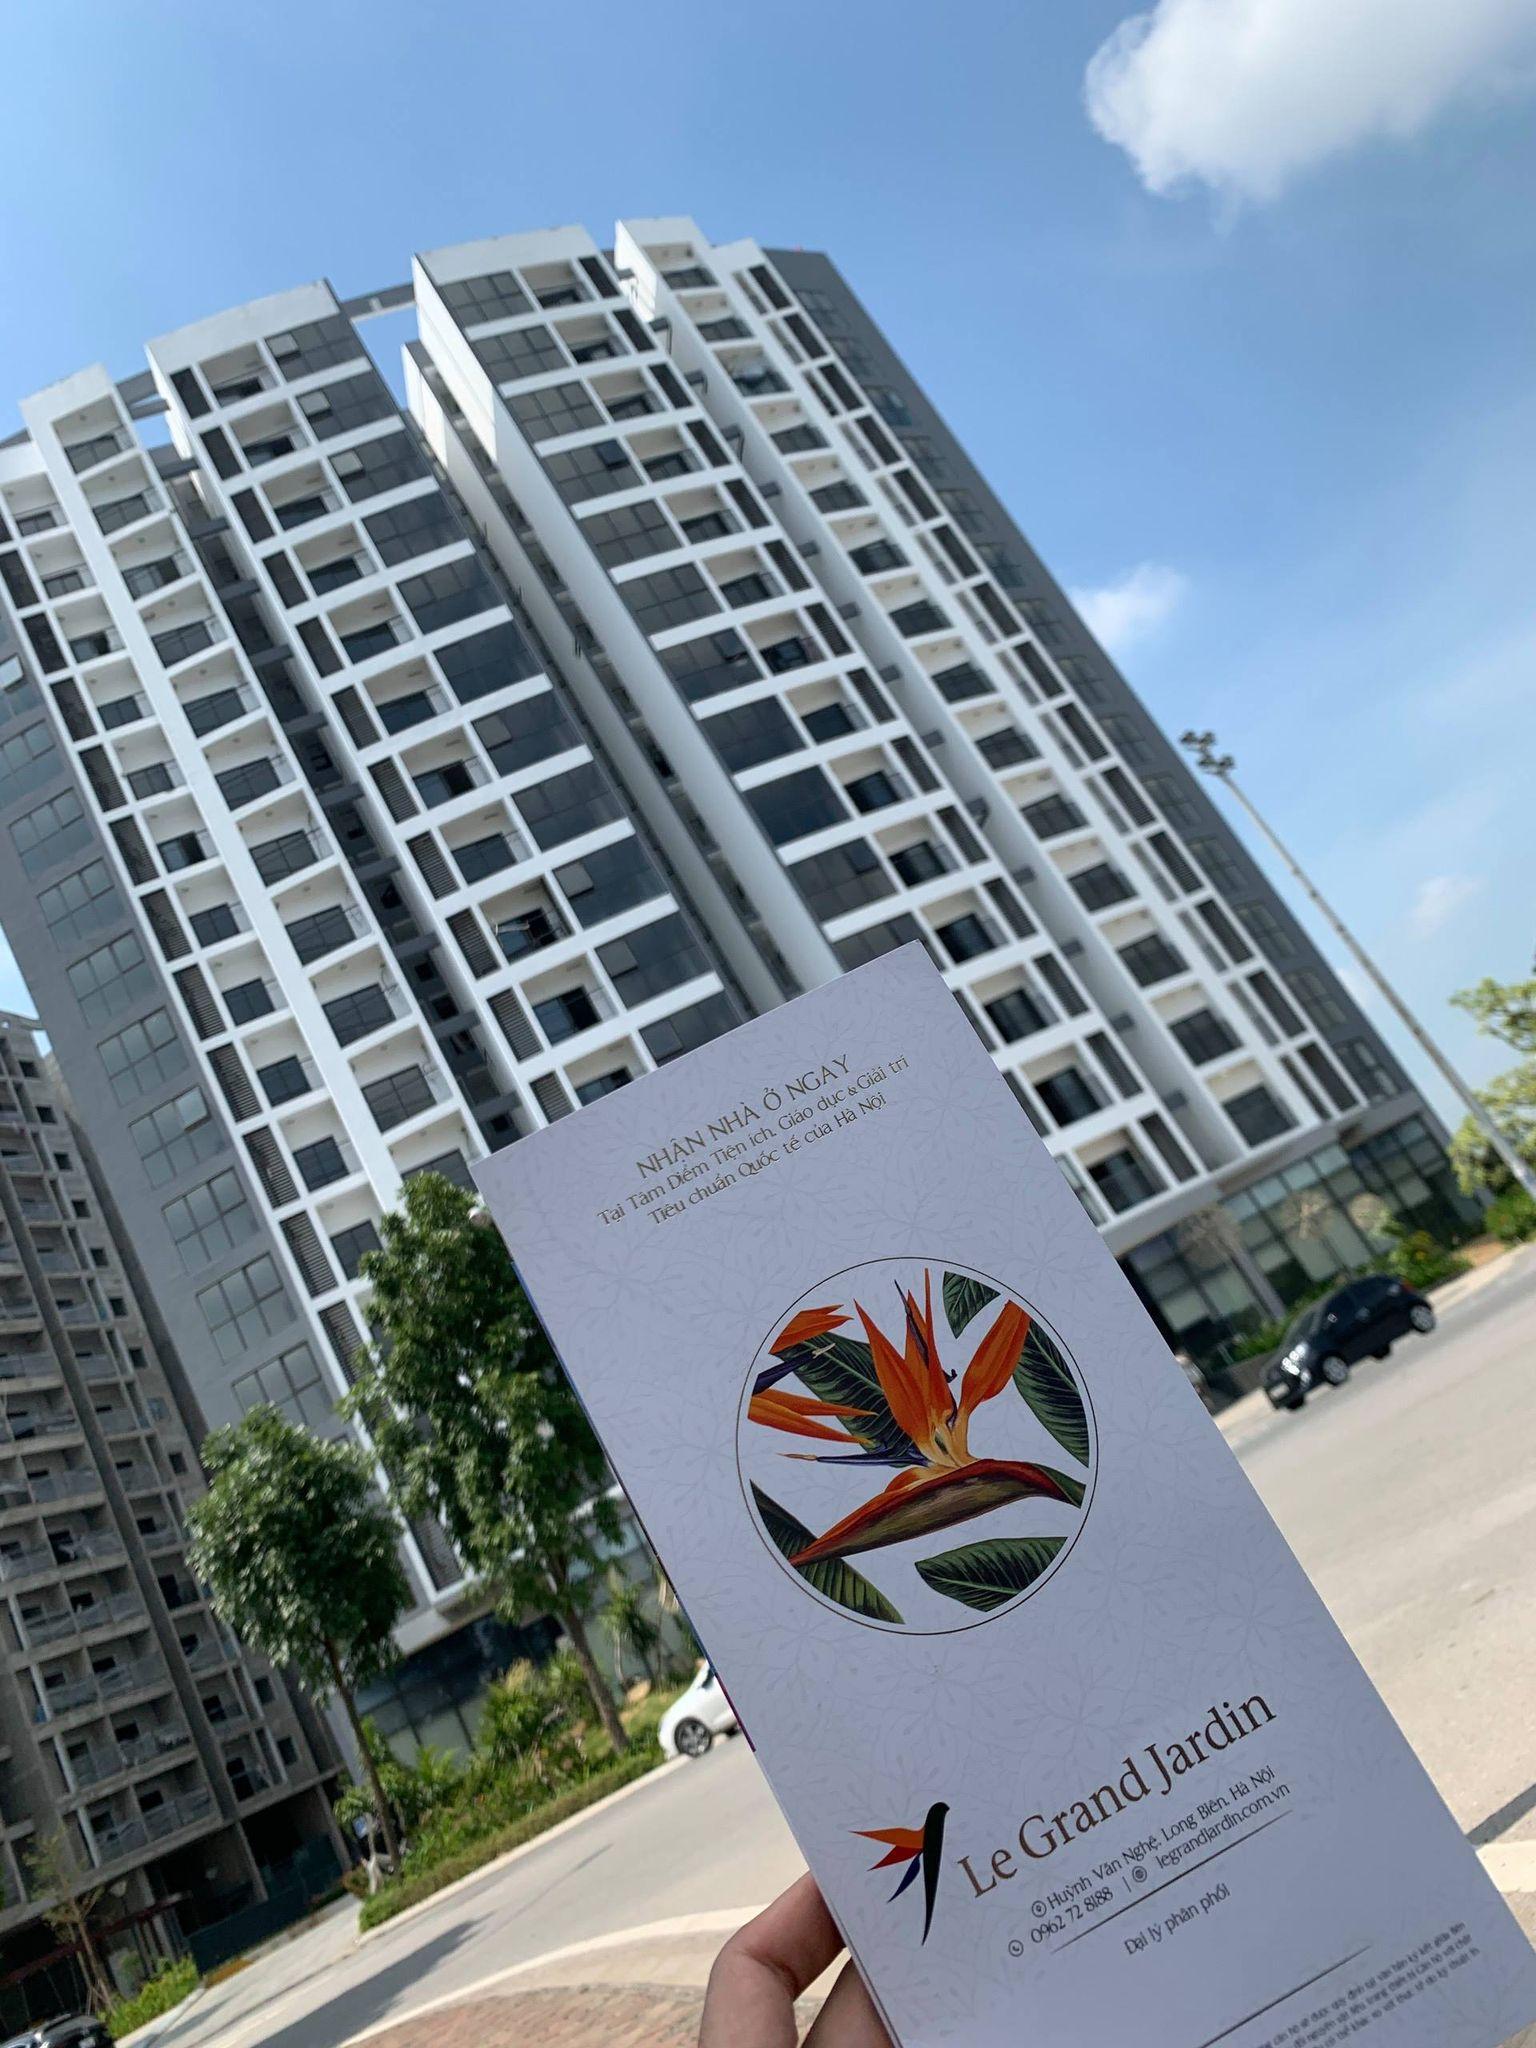 Cần bán Căn hộ chung cư dự án Le Grand Jardin Sài Đồng, Diện tích 97m², Giá 3300 Triệu - LH: 0369888680